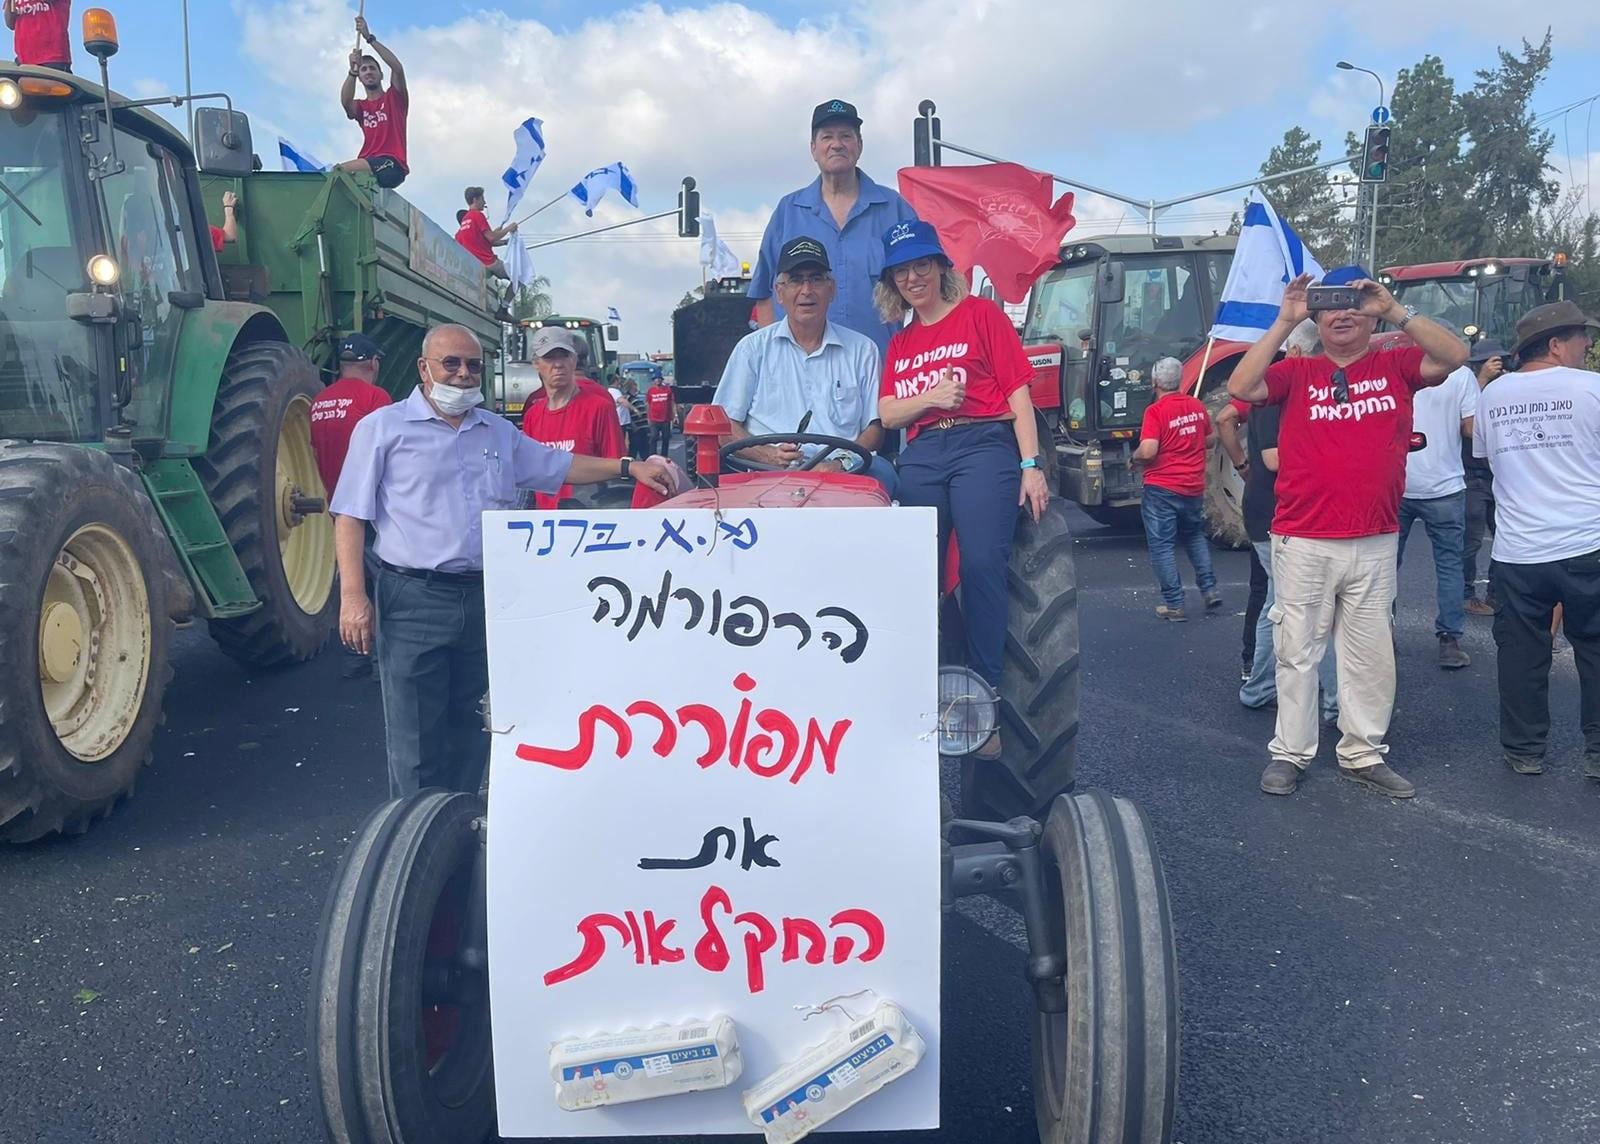 """הפגנת החקלאים בצומת ביל""""ו. צילום מתוך עמוד הפייסבוק של התאחדות חקלאי ישראל"""